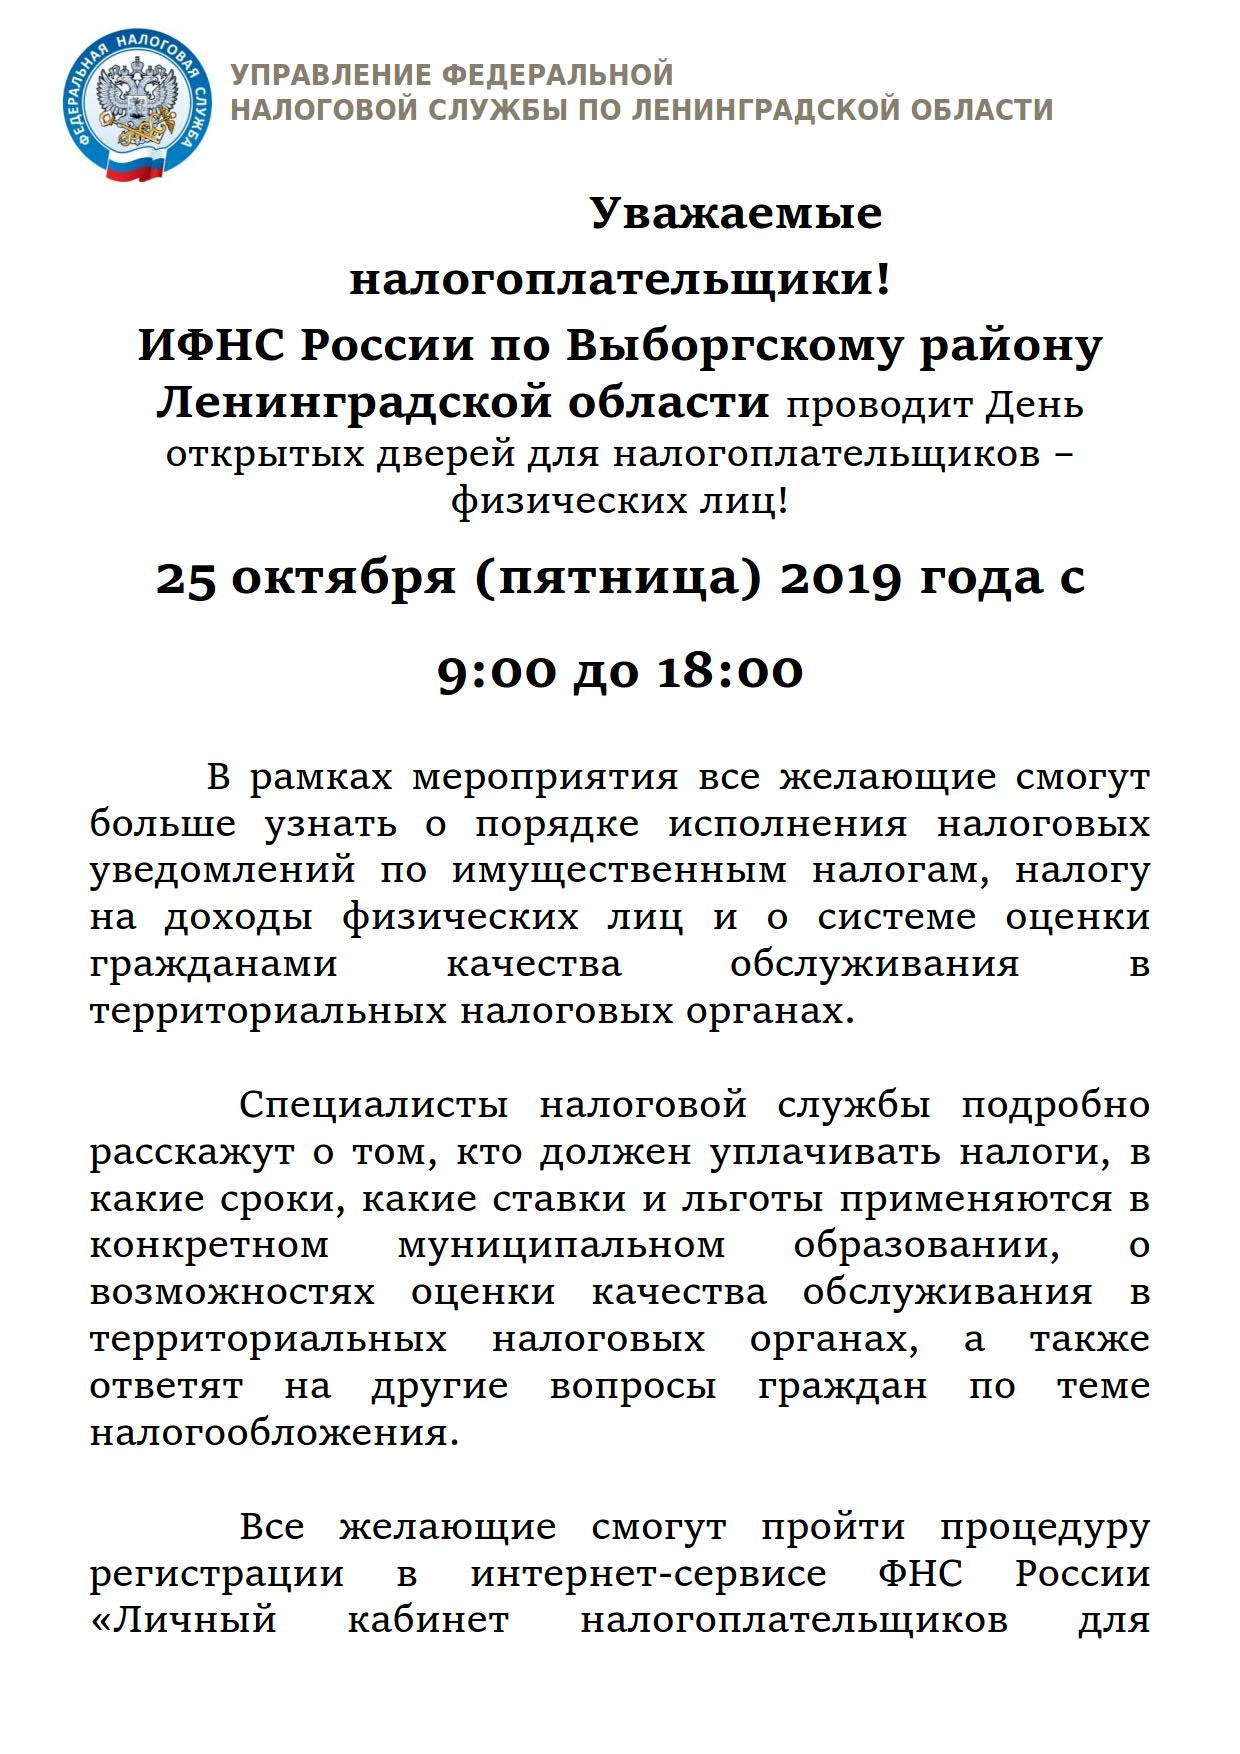 ДОД 25.10.2019_1